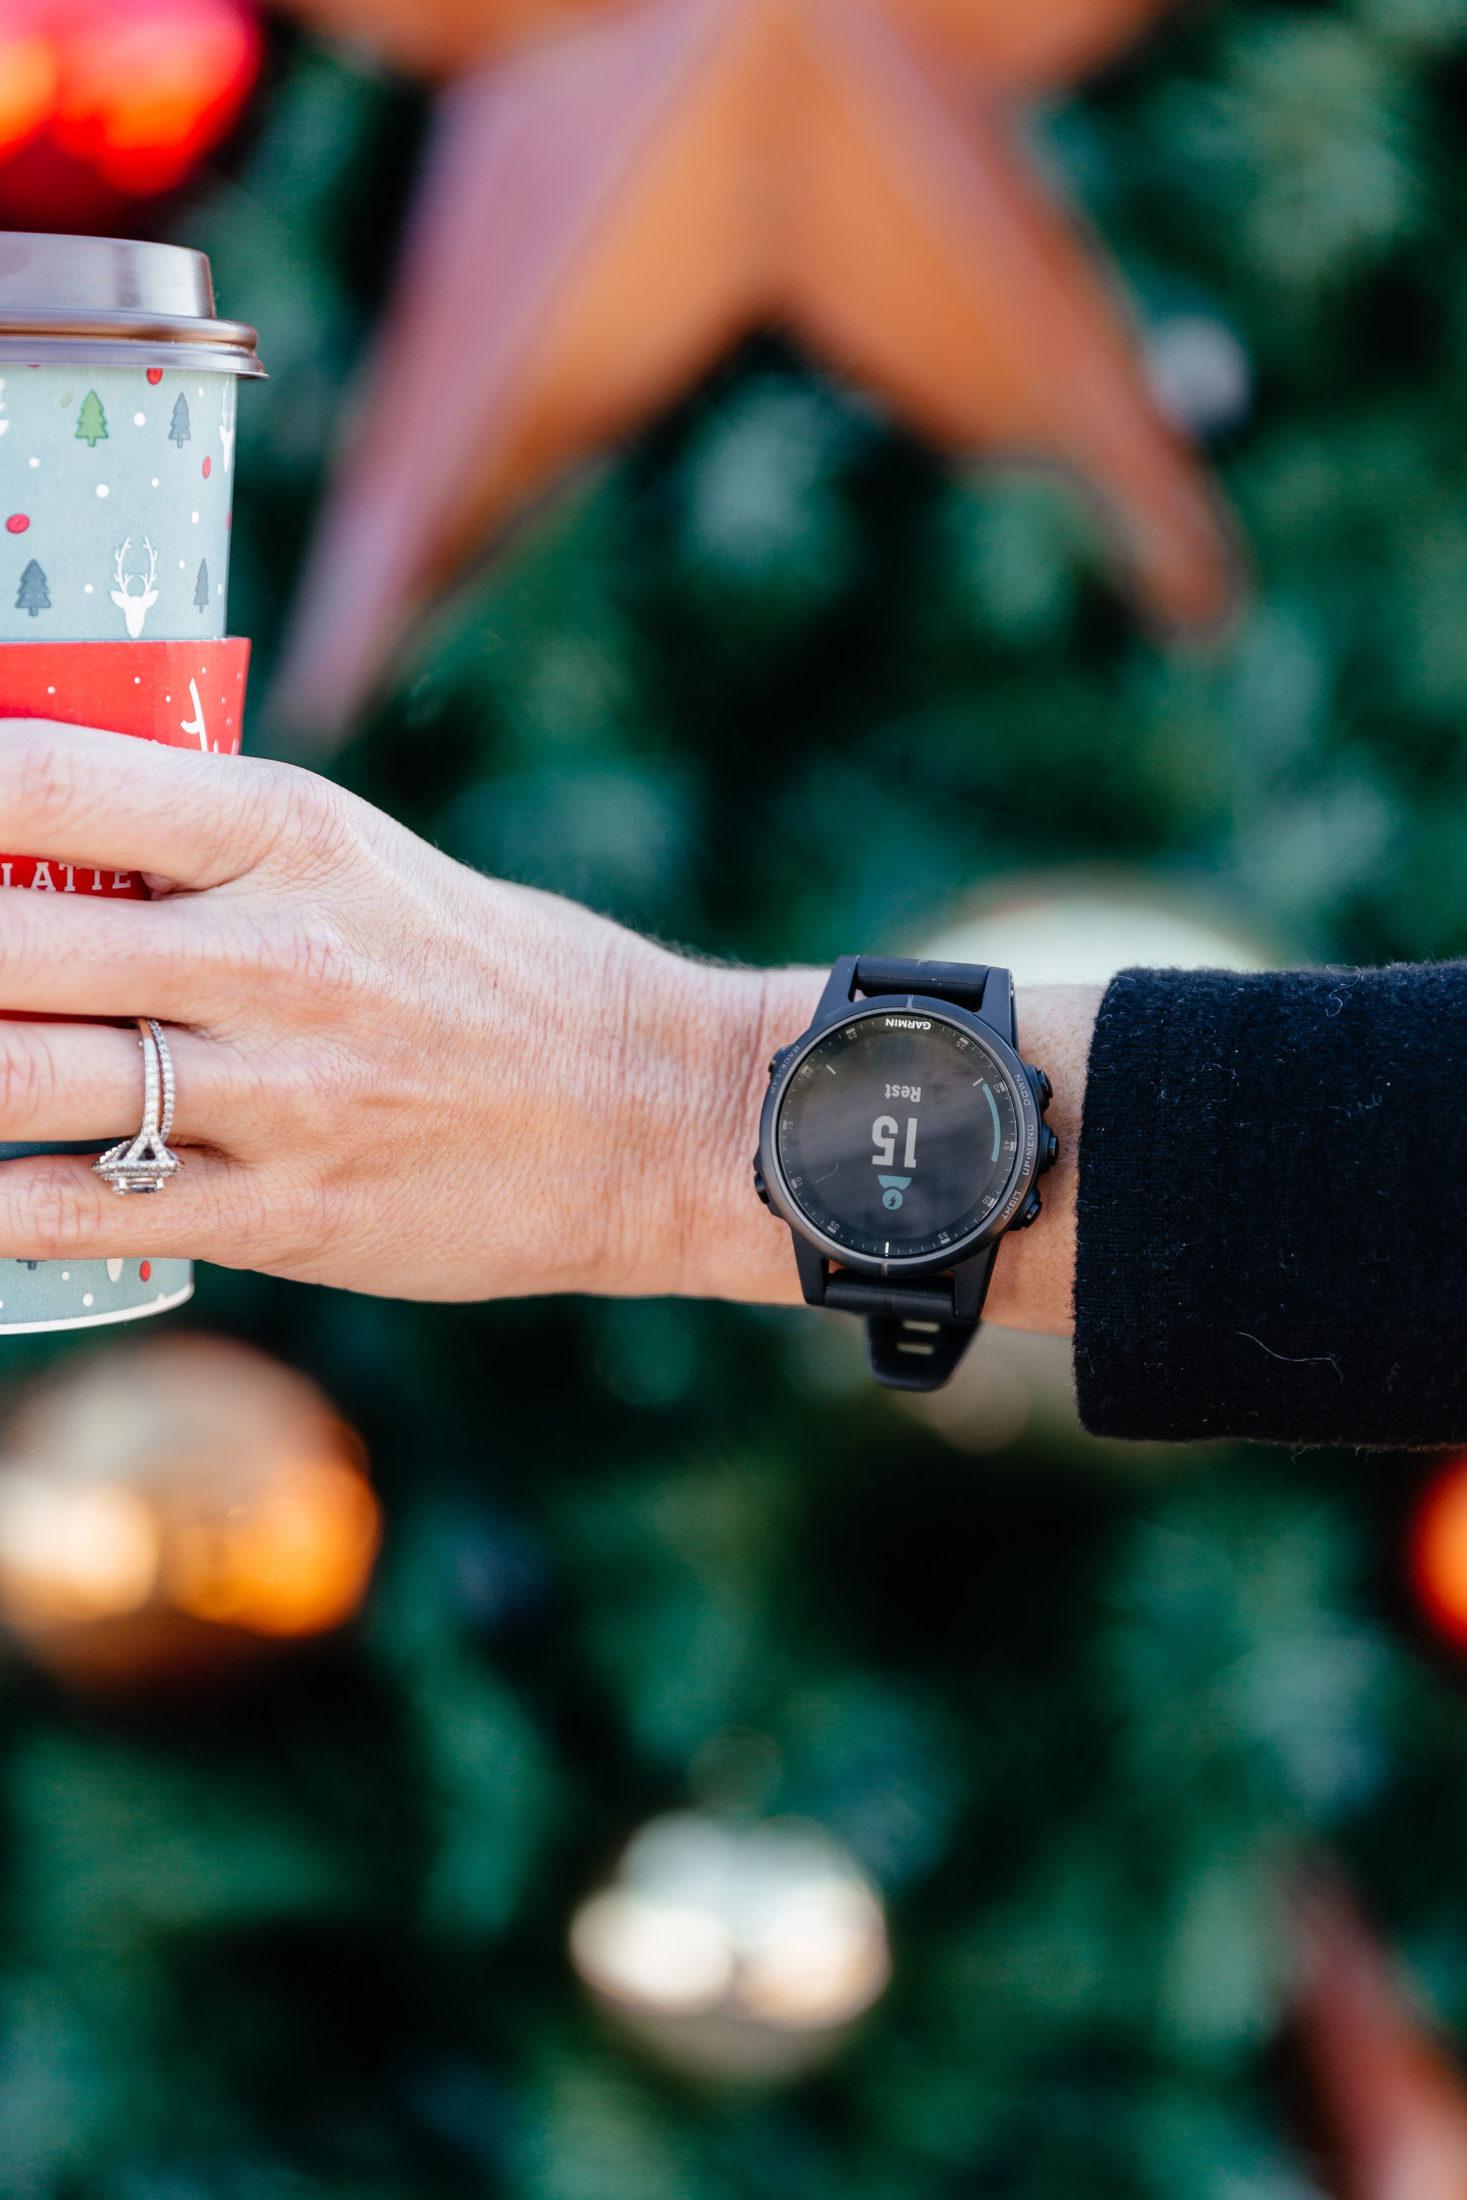 Garmin Fenix 5 Plus The Watch Fit For A Healthy Stylish Lifestyle